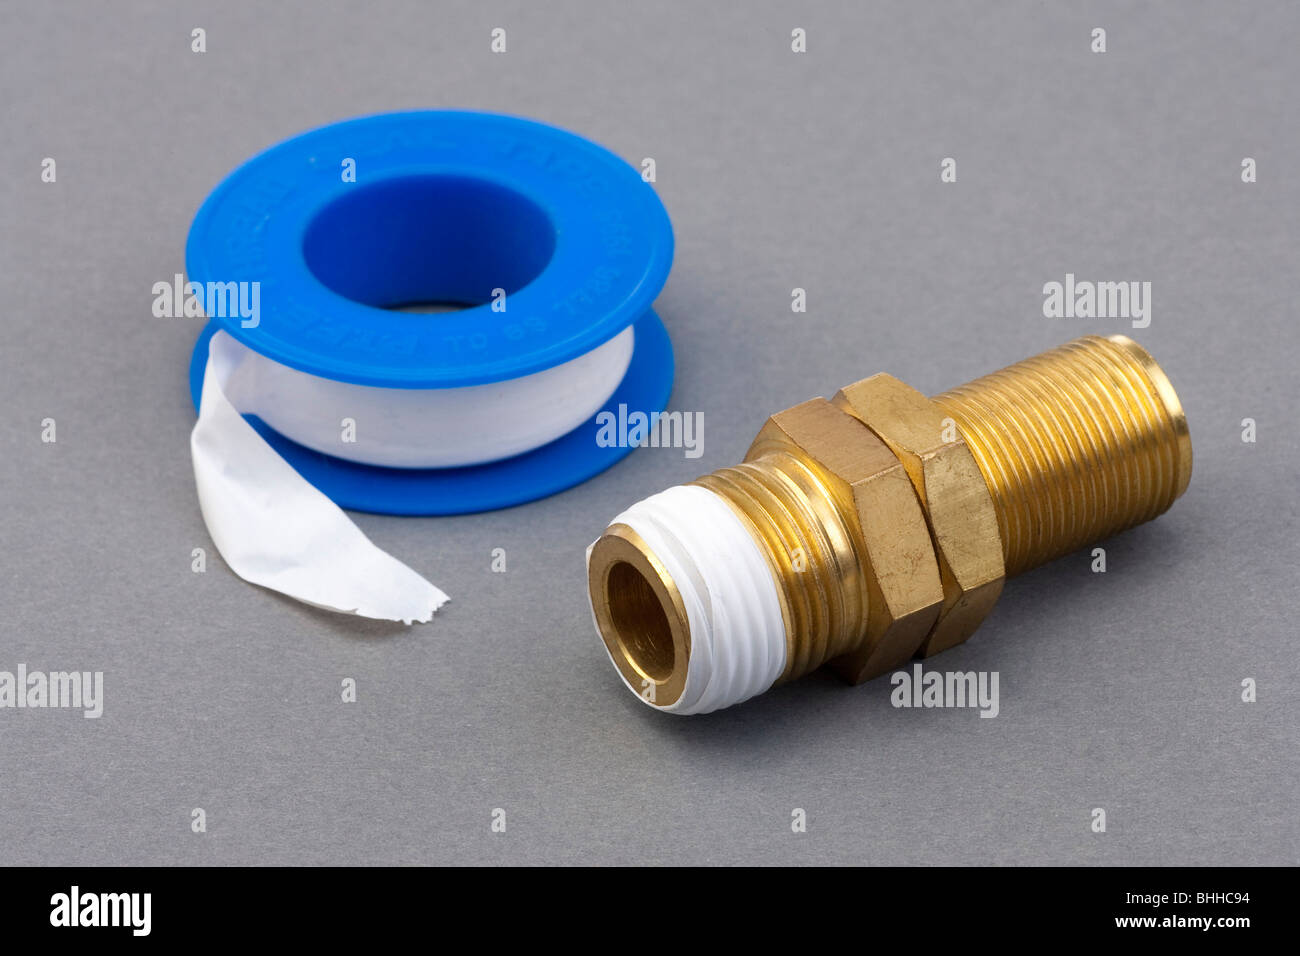 Il PTFE del nastro di teflon usato per sigillare il tubo filettato i connettori Immagini Stock